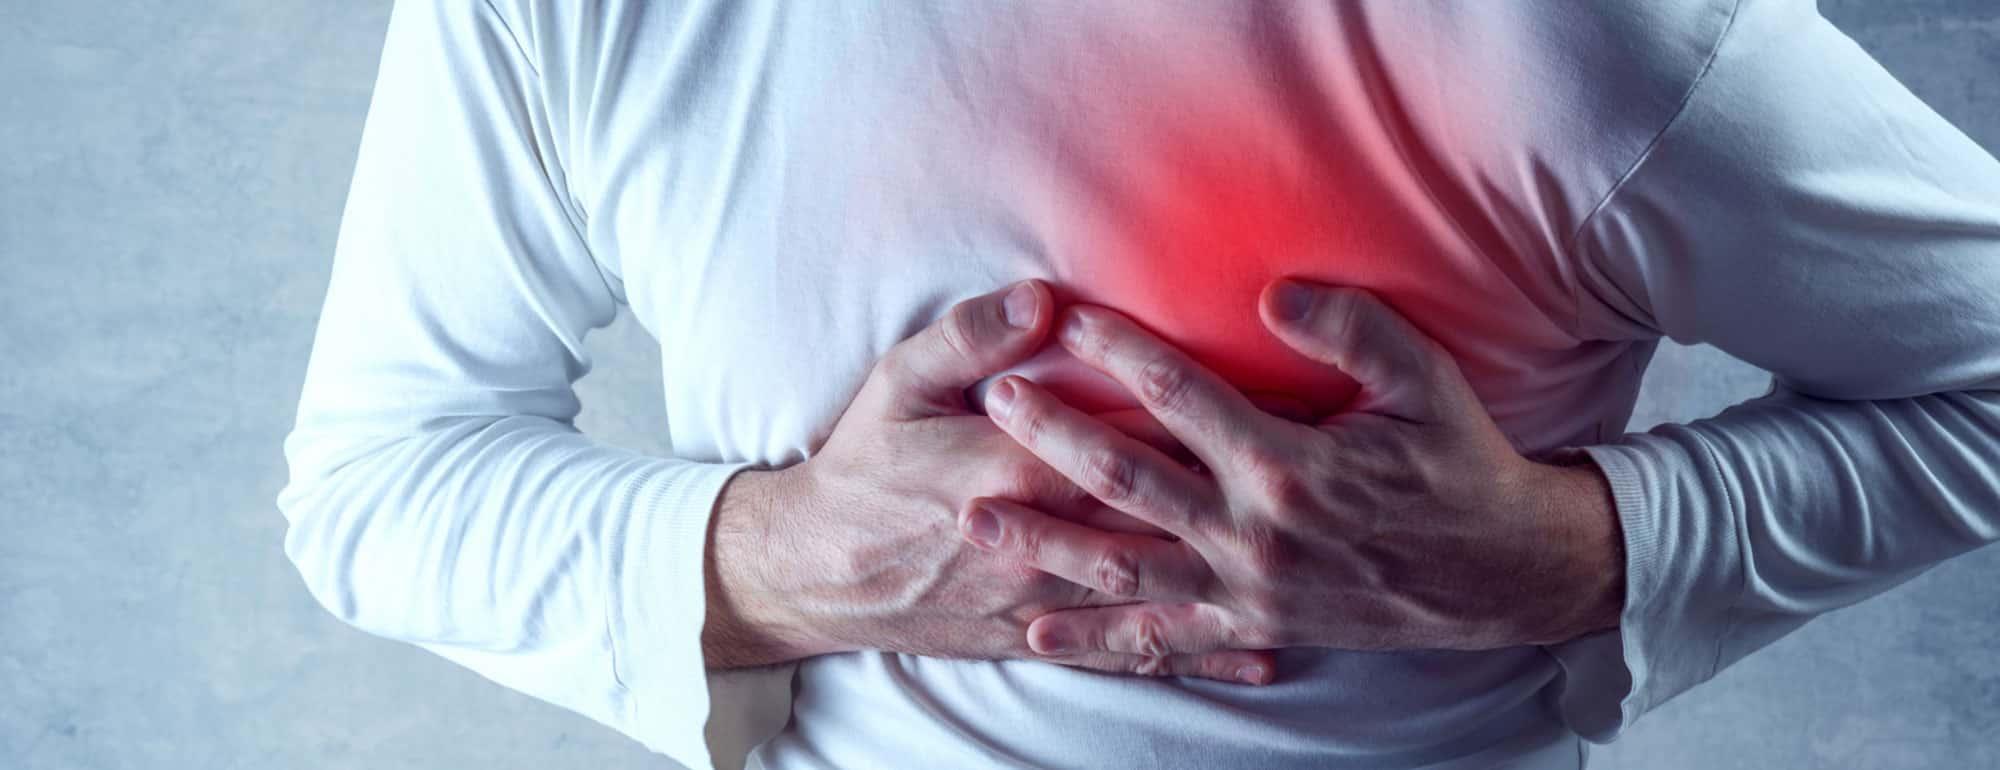 έμφραγμα καρδιολόγος κοντός βασίλειος ψυχικό